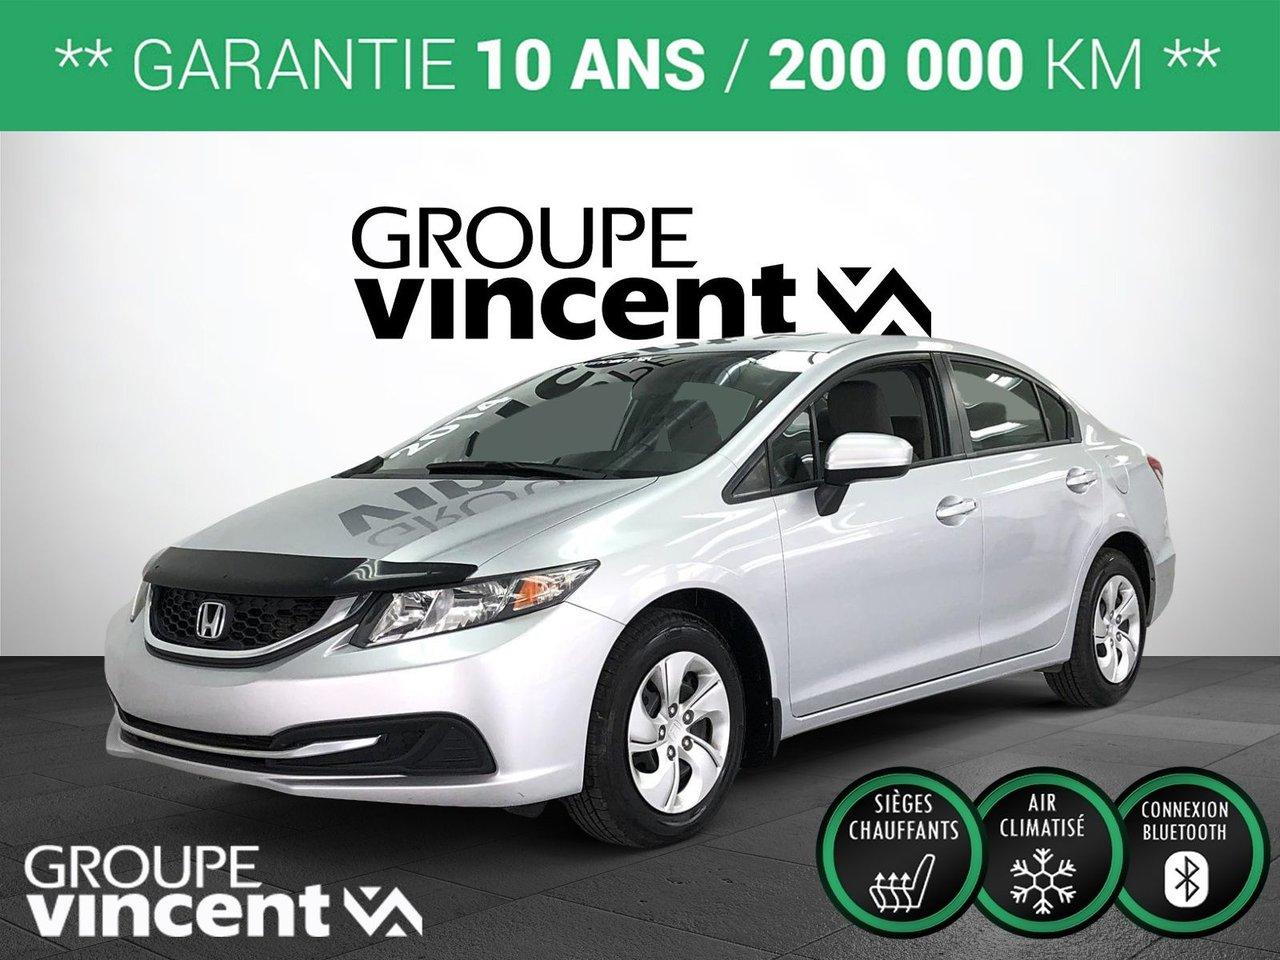 Honda Civic 2014 LX ** GARANTIE 10 ANS **